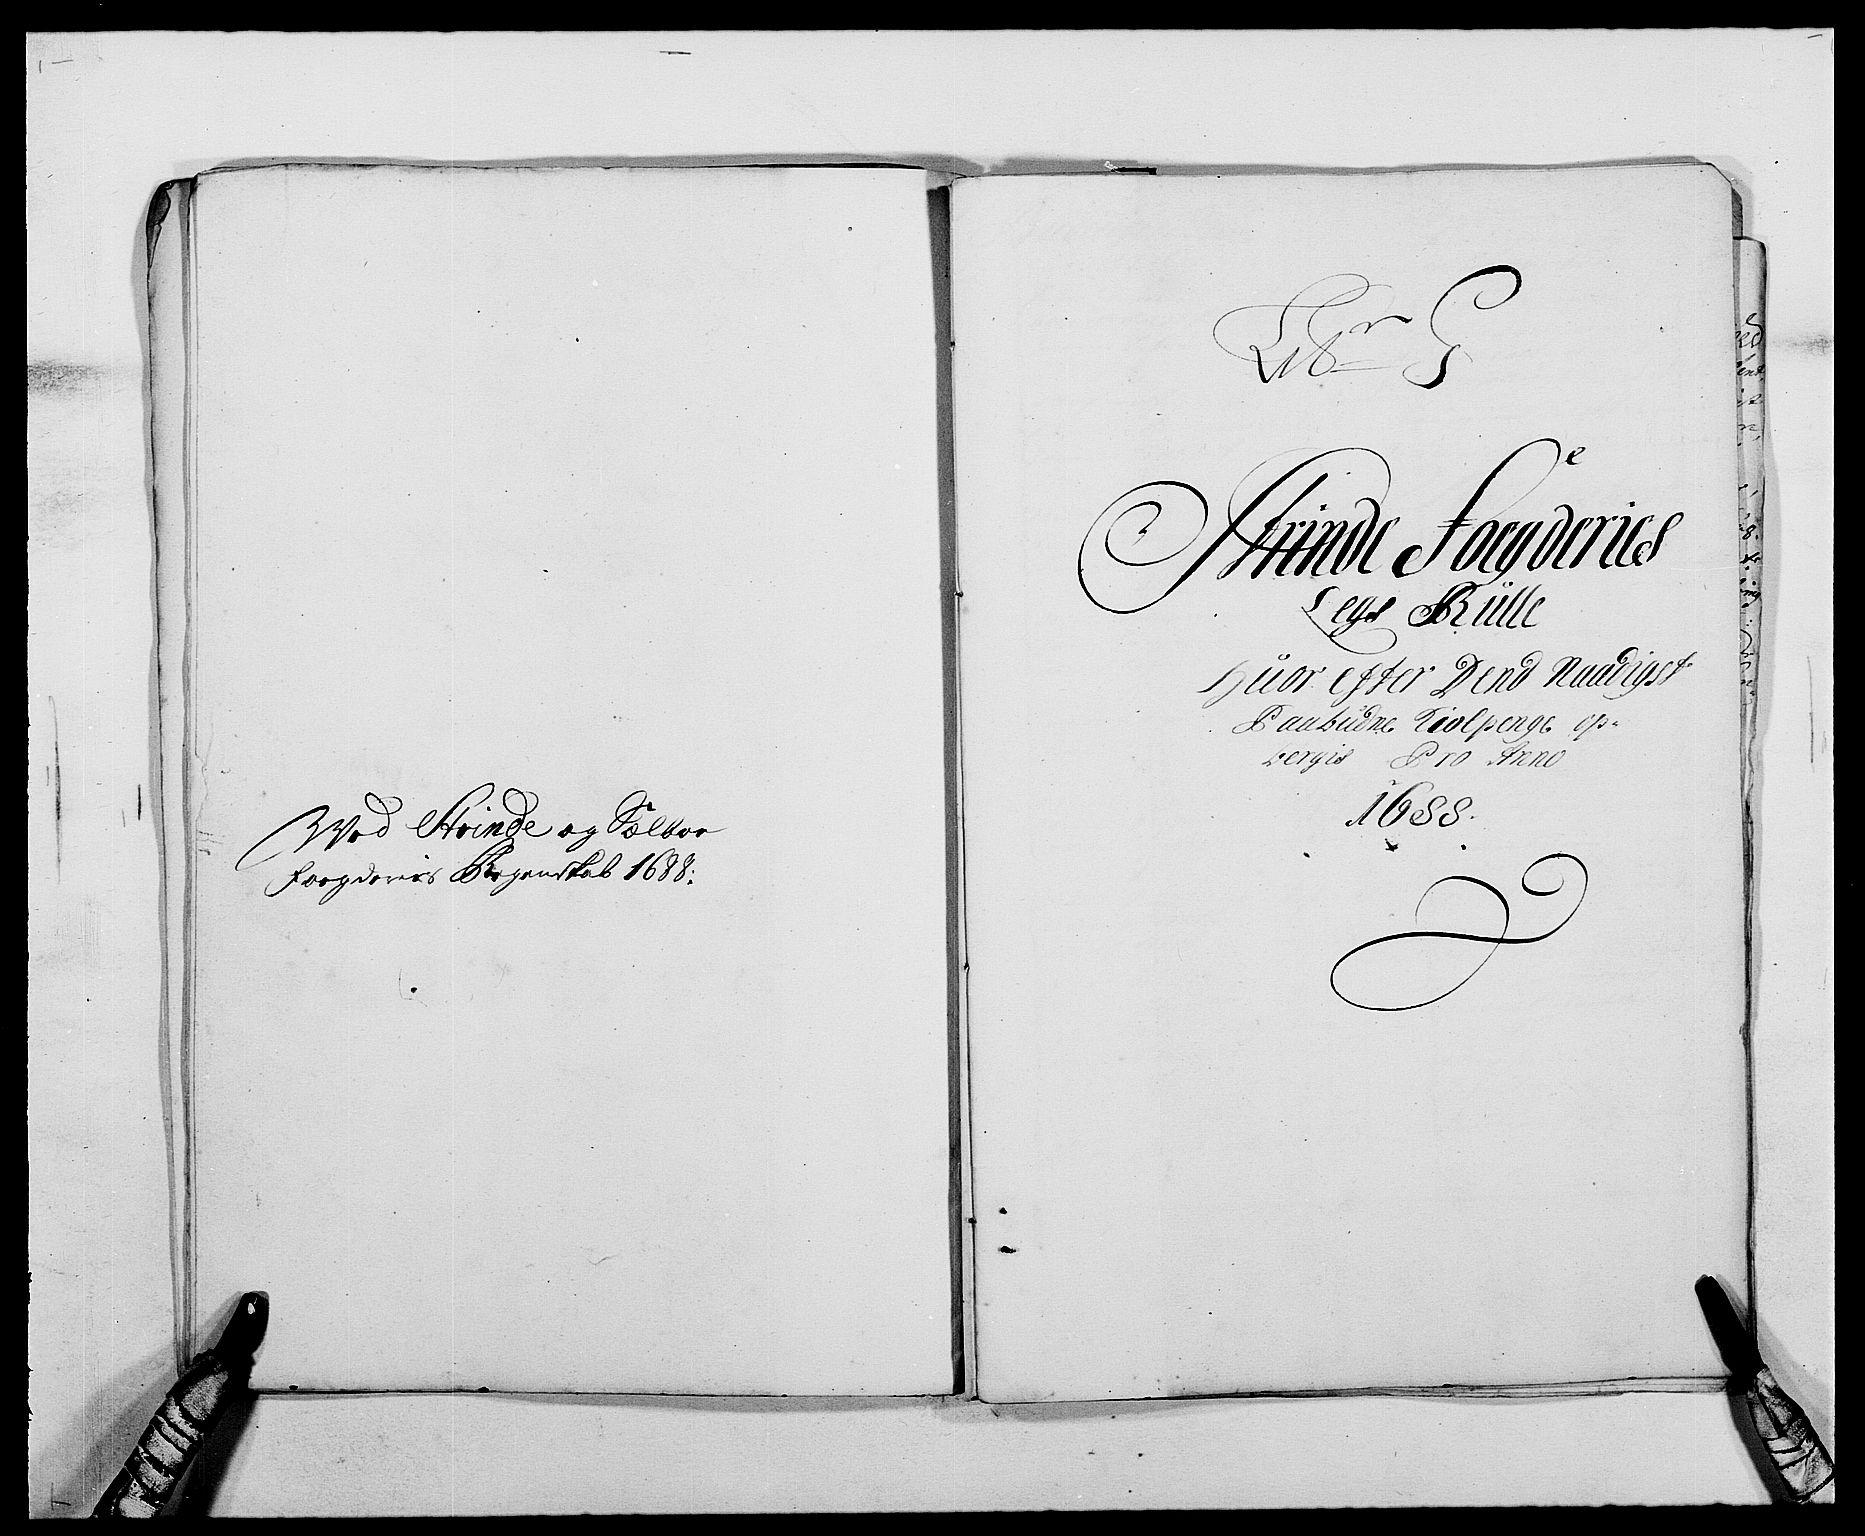 RA, Rentekammeret inntil 1814, Reviderte regnskaper, Fogderegnskap, R61/L4101: Fogderegnskap Strinda og Selbu, 1687-1688, s. 192